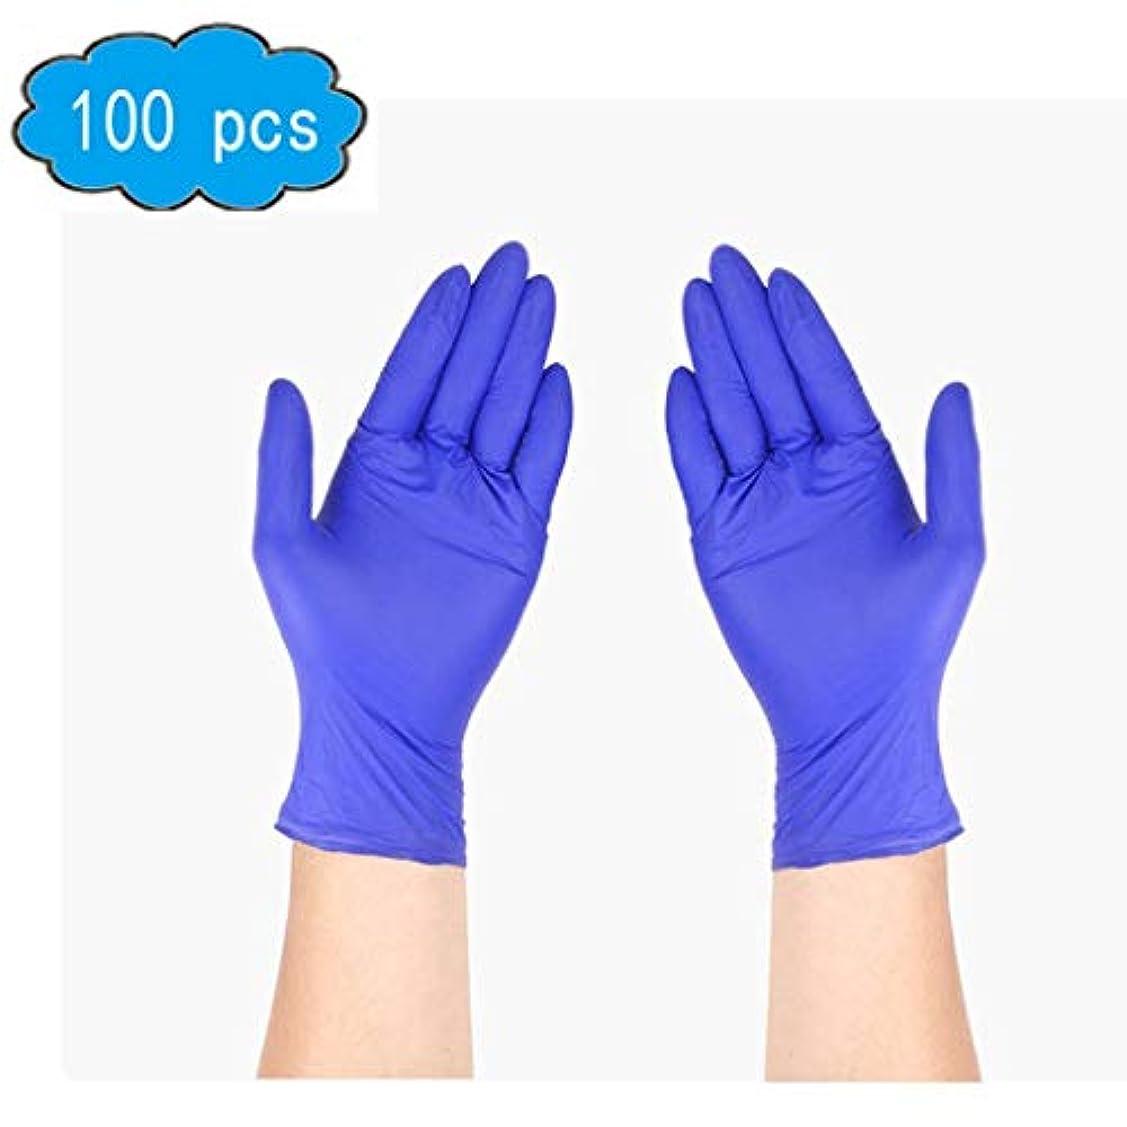 生産的眠り描くニトリル試験用手袋 - 医療用グレード、使い捨て、パウダーフリー、ラテックスラバーフリー、ヘビーデューティー、テクスチャード、無菌、作業、医療、食品安全、クリーニング、卸売、特大(100個入り)、応急処置用品 (Color...